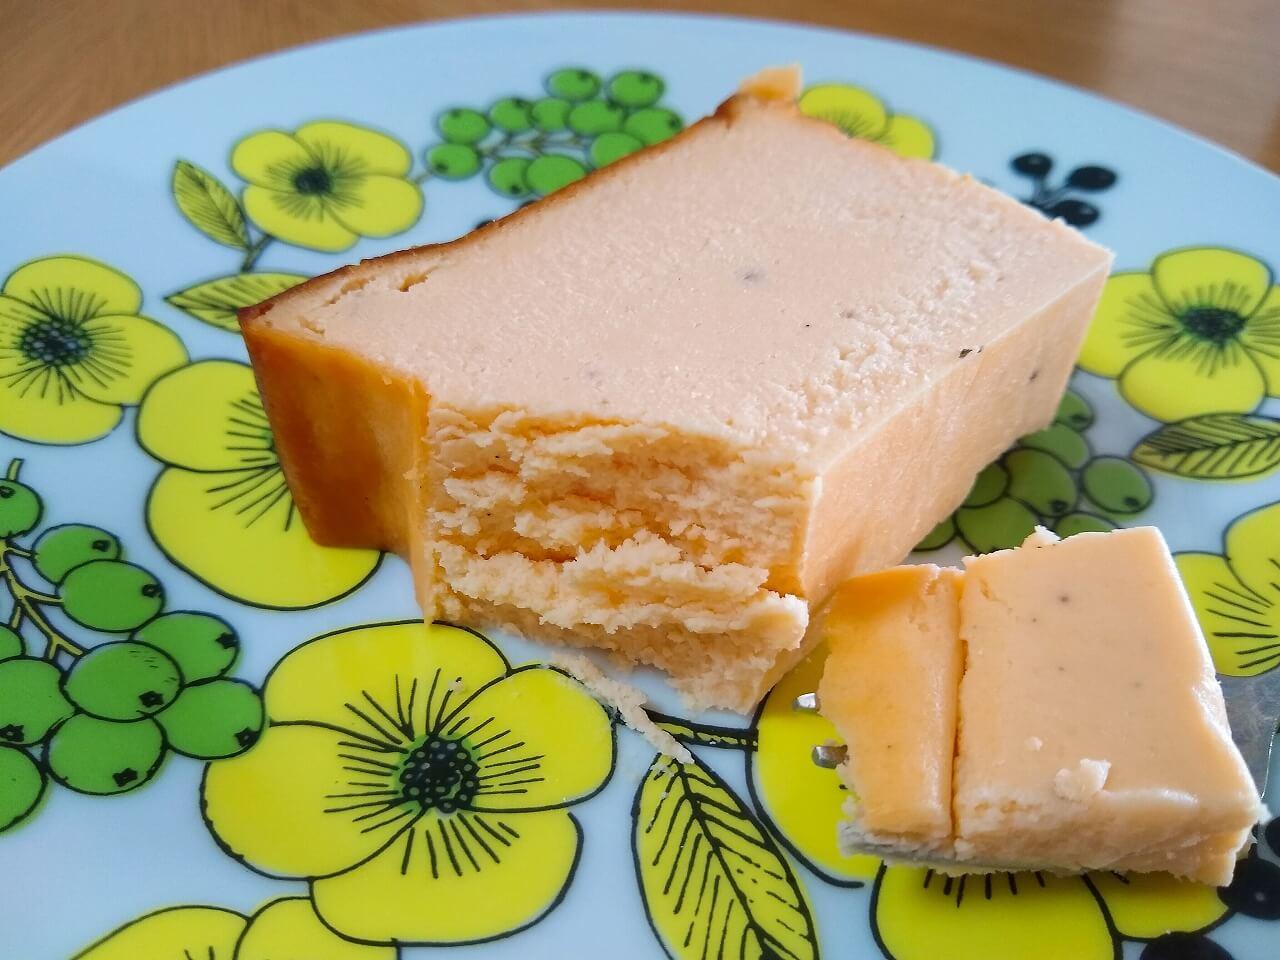 キッチンクラウド口福のチーズケーキ